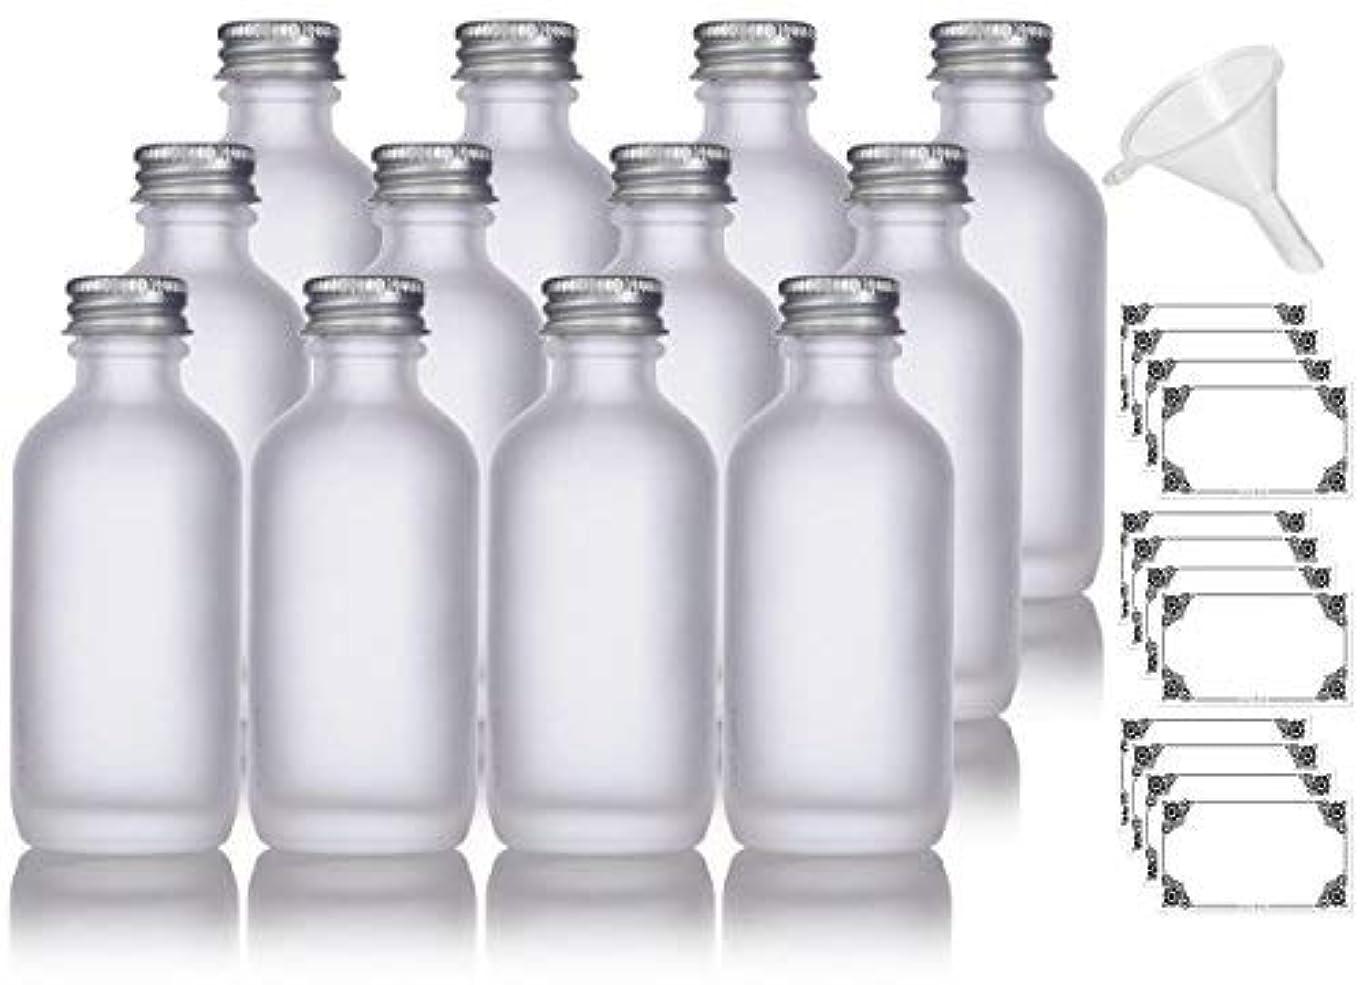 貸すしなやか素晴らしさ2 oz Frosted Clear Glass Boston Round Silver Screw On Cap Bottle (12 pack) + Funnel and Labels for cosmetics,...